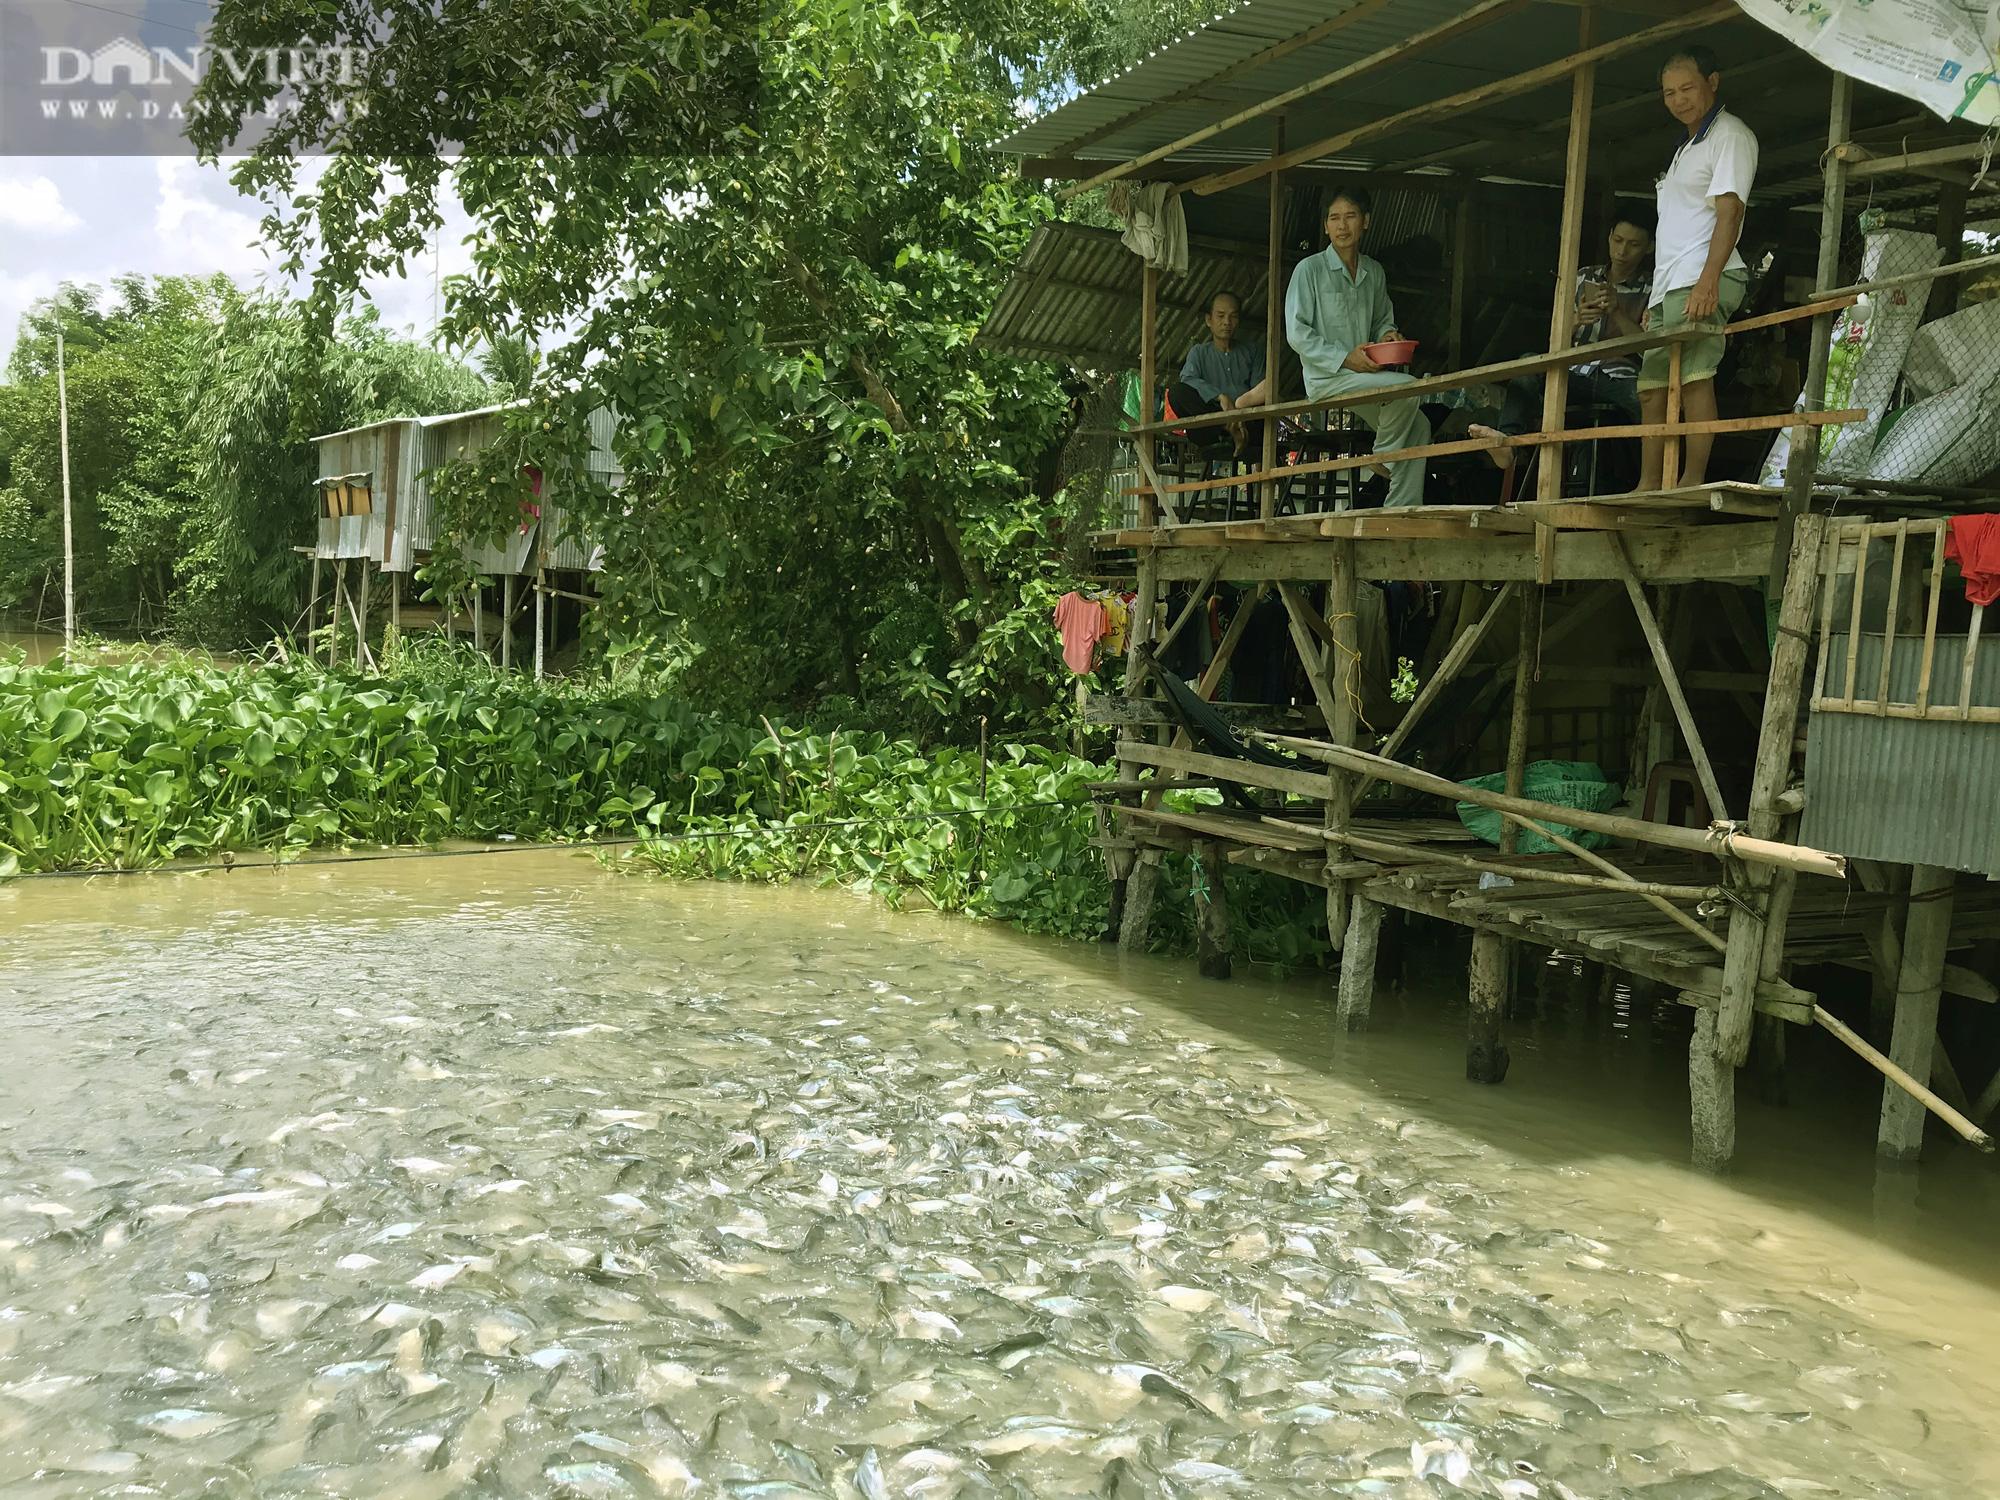 Lạ đời những người bỏ tiền túi nuôi cá sông như thú cưng - Ảnh 2.